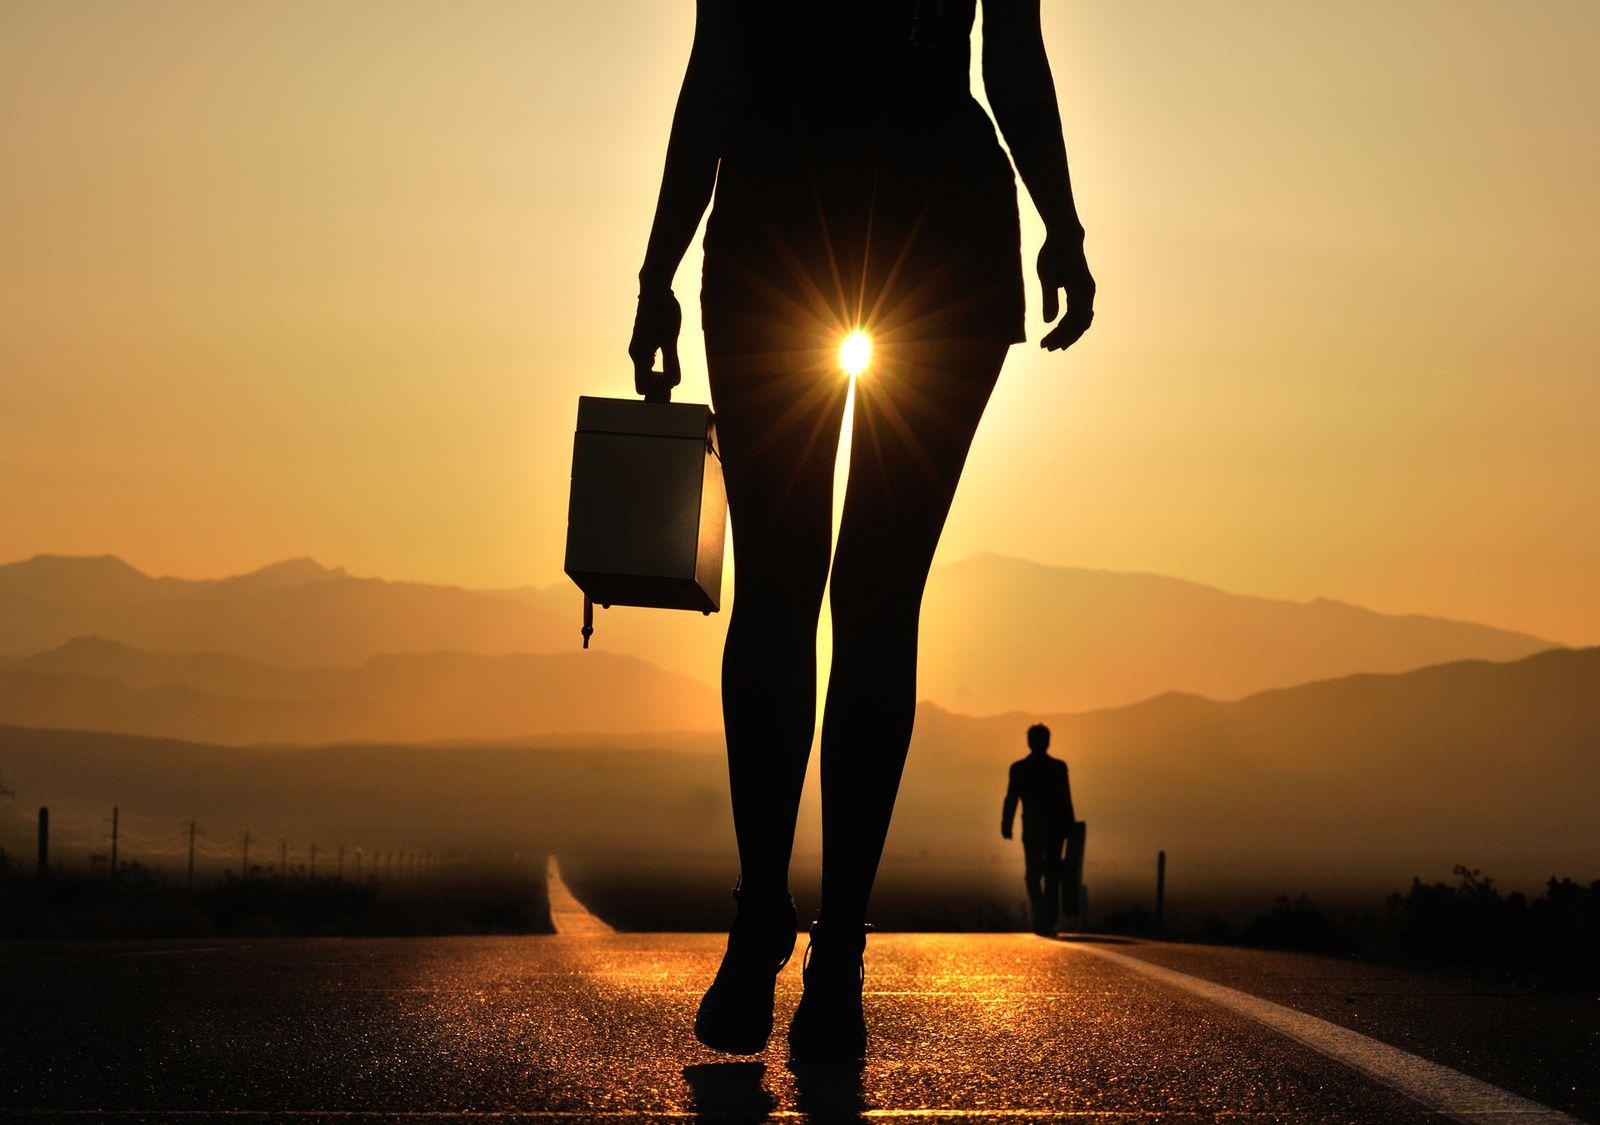 L'homme et le Soleil ... - Page 3 Ob_14244d_valley-of-death-road-girl-legs-sun-man-m